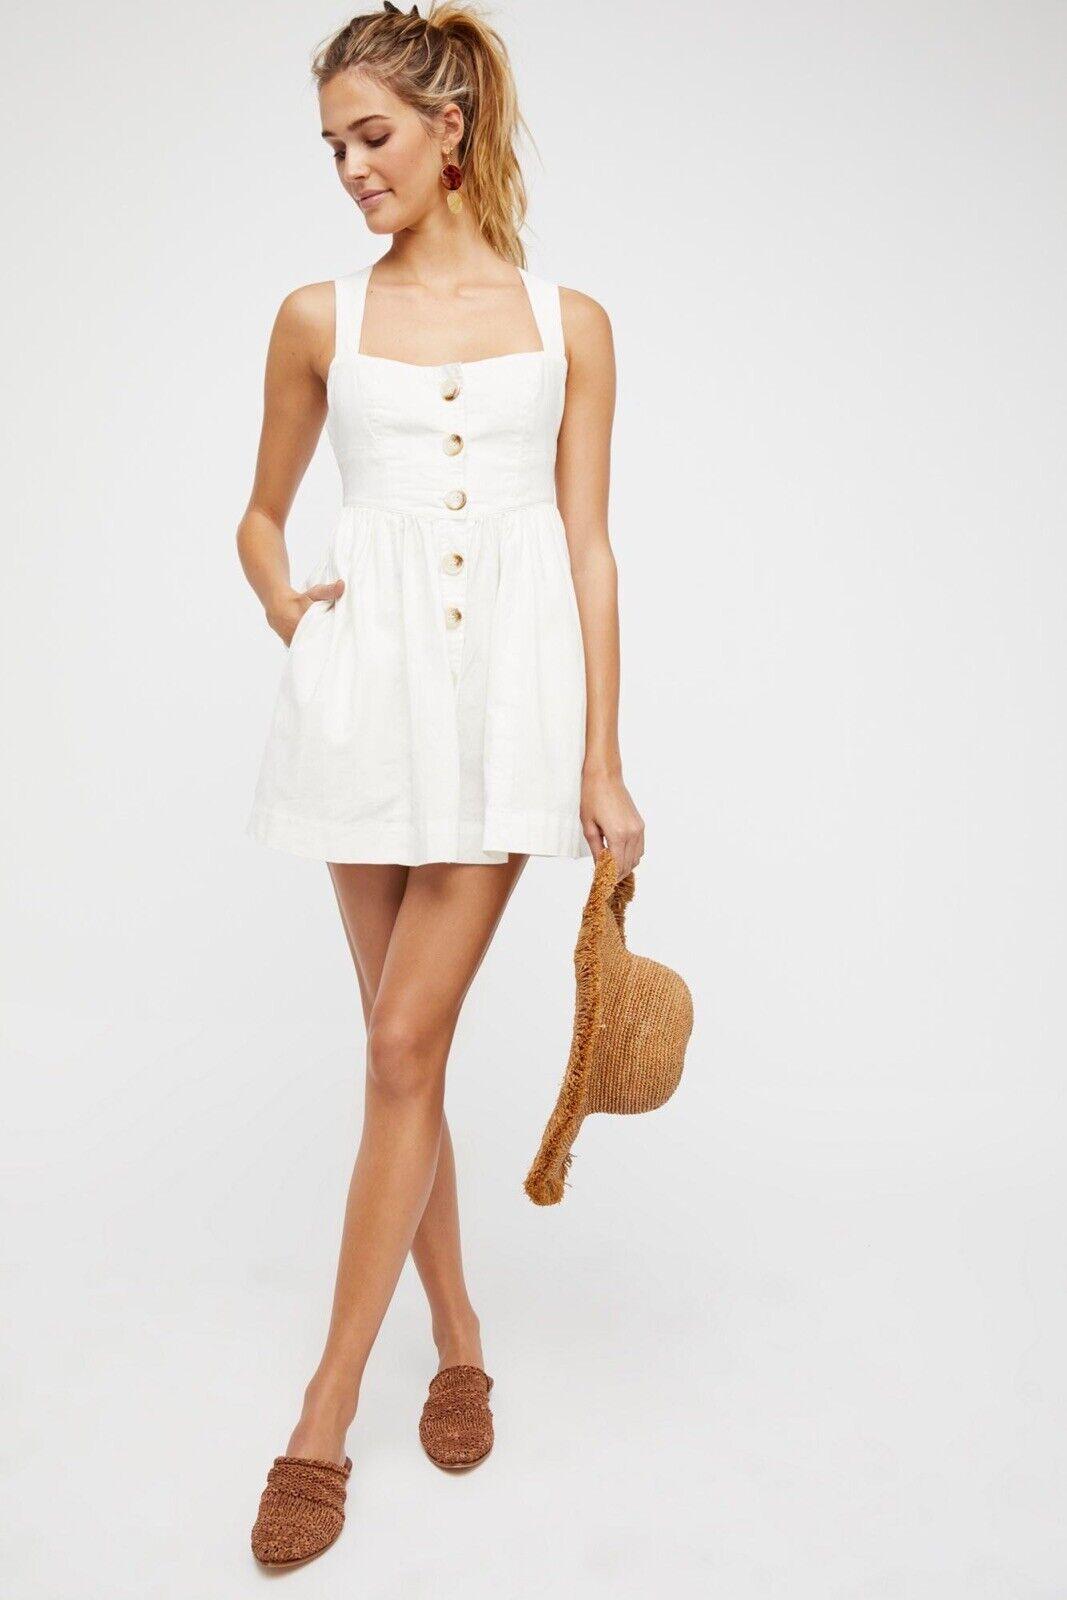 Free People Carolina Mini Dress in Weiß Größe  10 M L Linen Sleeveless New